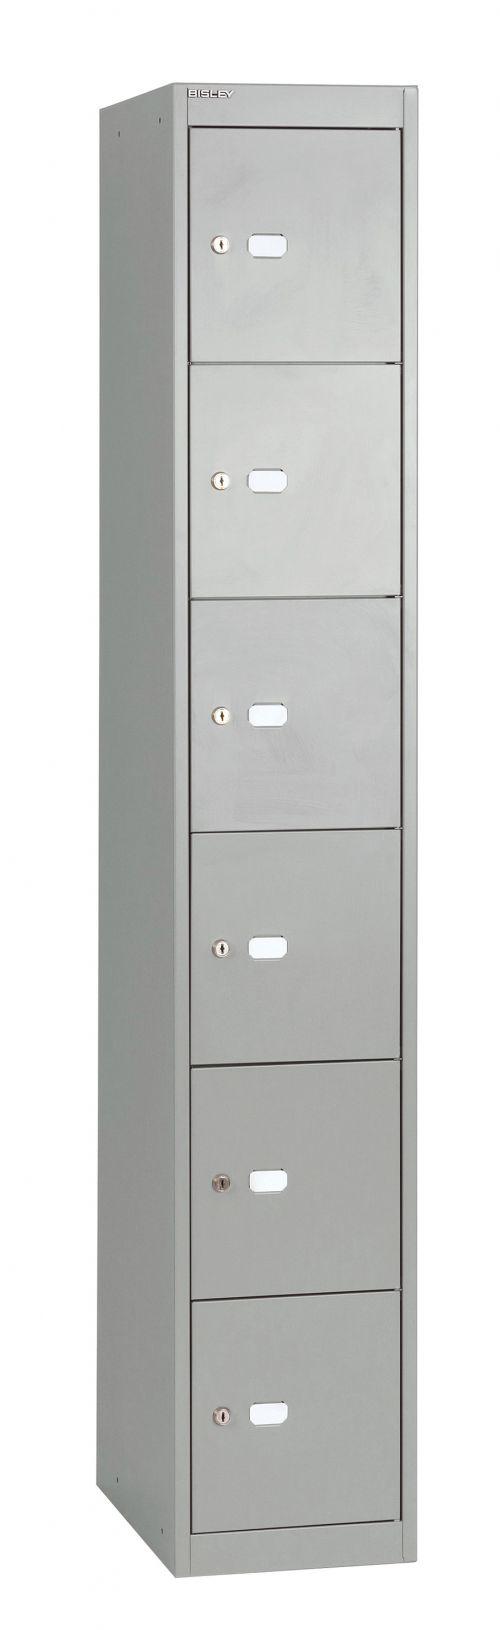 Bisley 6 Door 30.5 Locker - Goose Grey